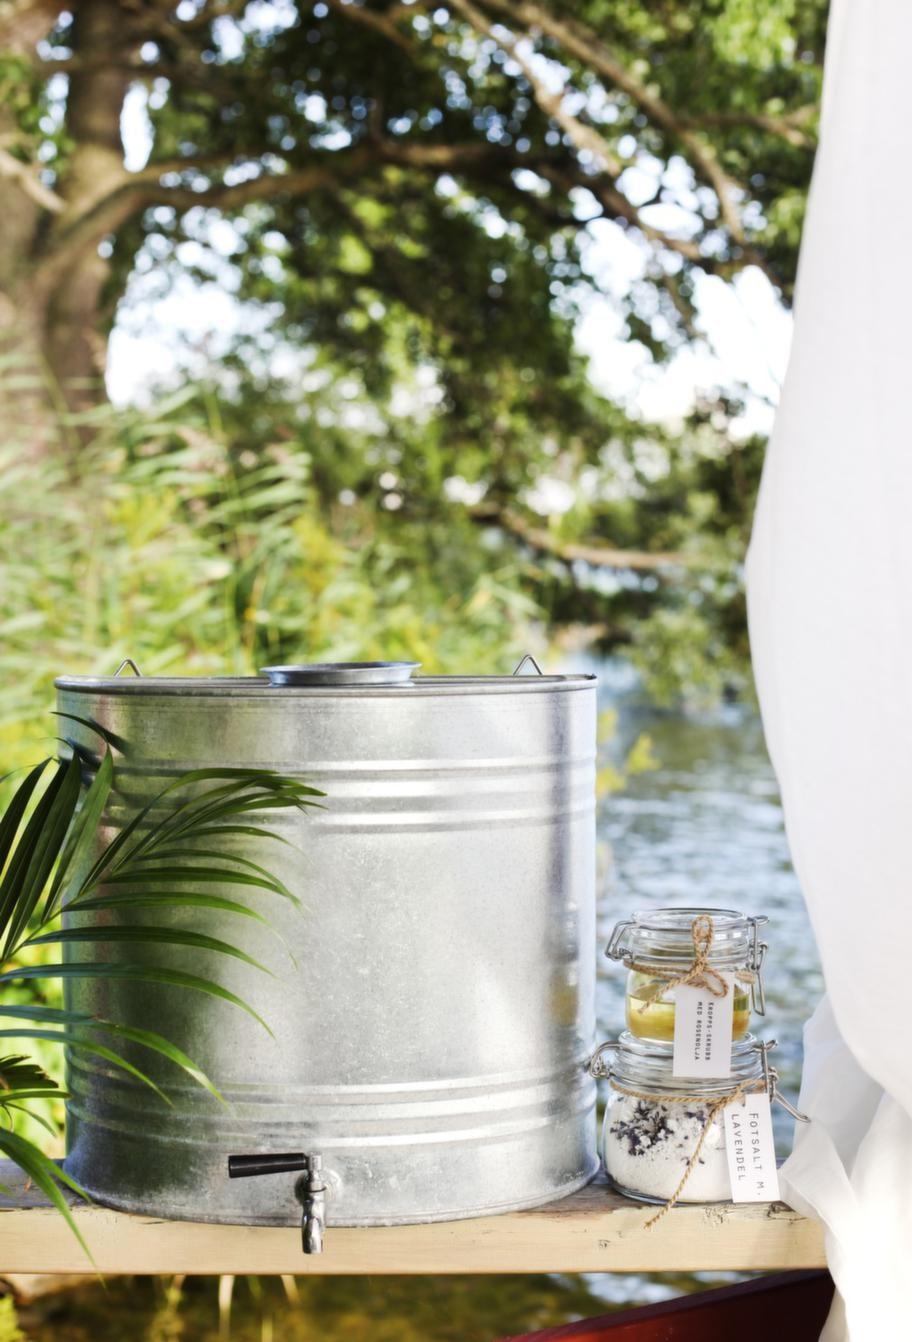 Mini-spa på bryggan. Vattenbehållare, 899 kr, Granit. Lyxa till det med en hemgjord kroppsskrubb. Blanda 1 dl mandel- eller olivolja med 2 dl strösocker. Rör ner några droppar rosen- eller lavendelolja. För ett skönt fotbad, blanda grovt salt med torkade lavendelblommor eller några droppar lavendelolja.